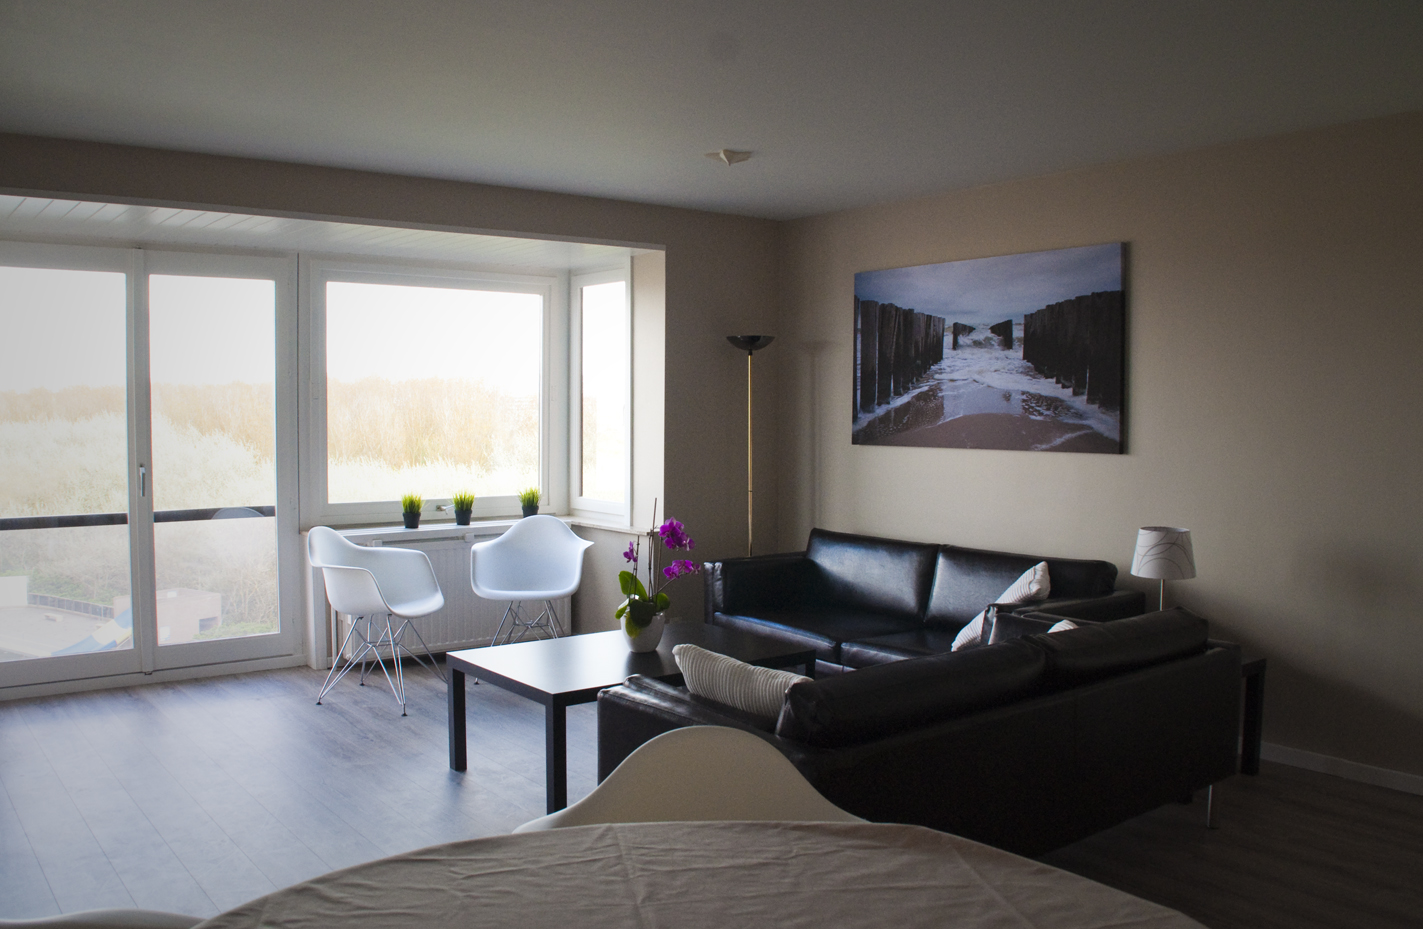 Appartement heist aan zee foto 39 s for Interieur appartement aan zee